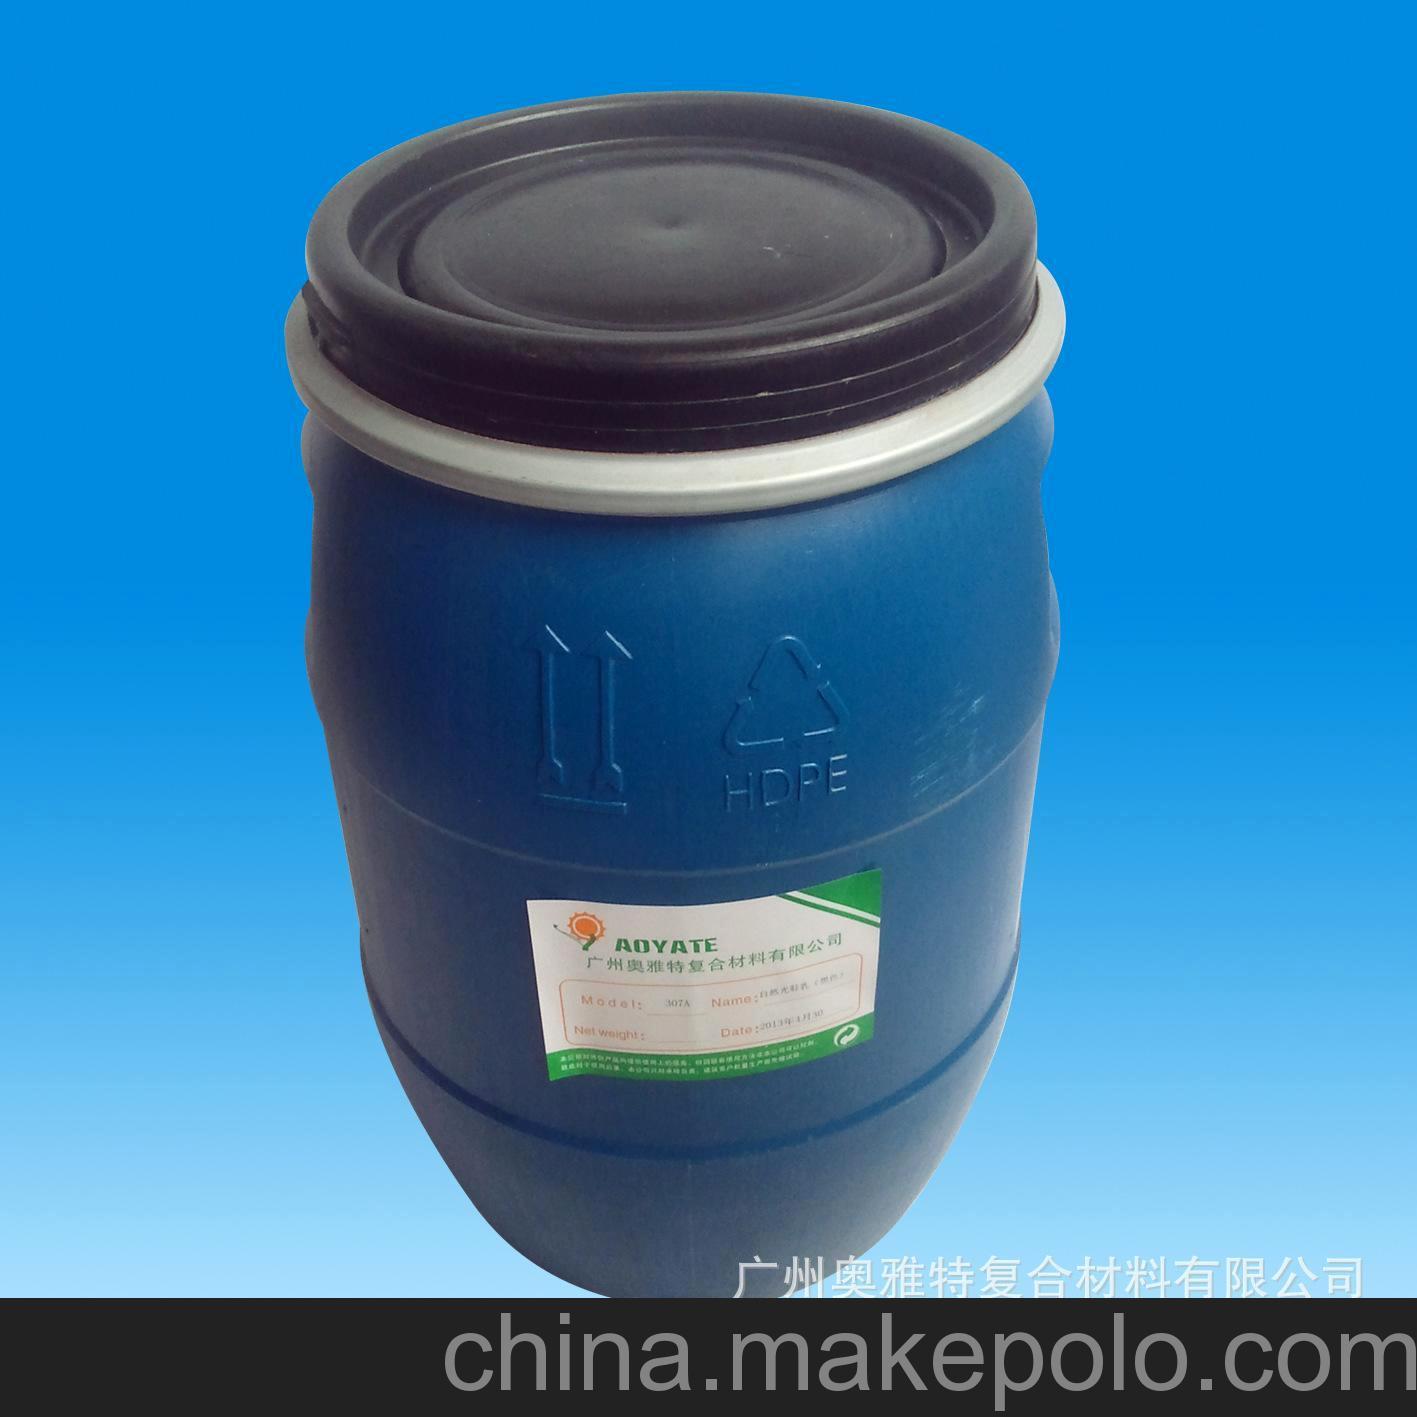 广州奥雅特化工厂特价出售皮革化工高光、中光、自然光喷涂鞋乳